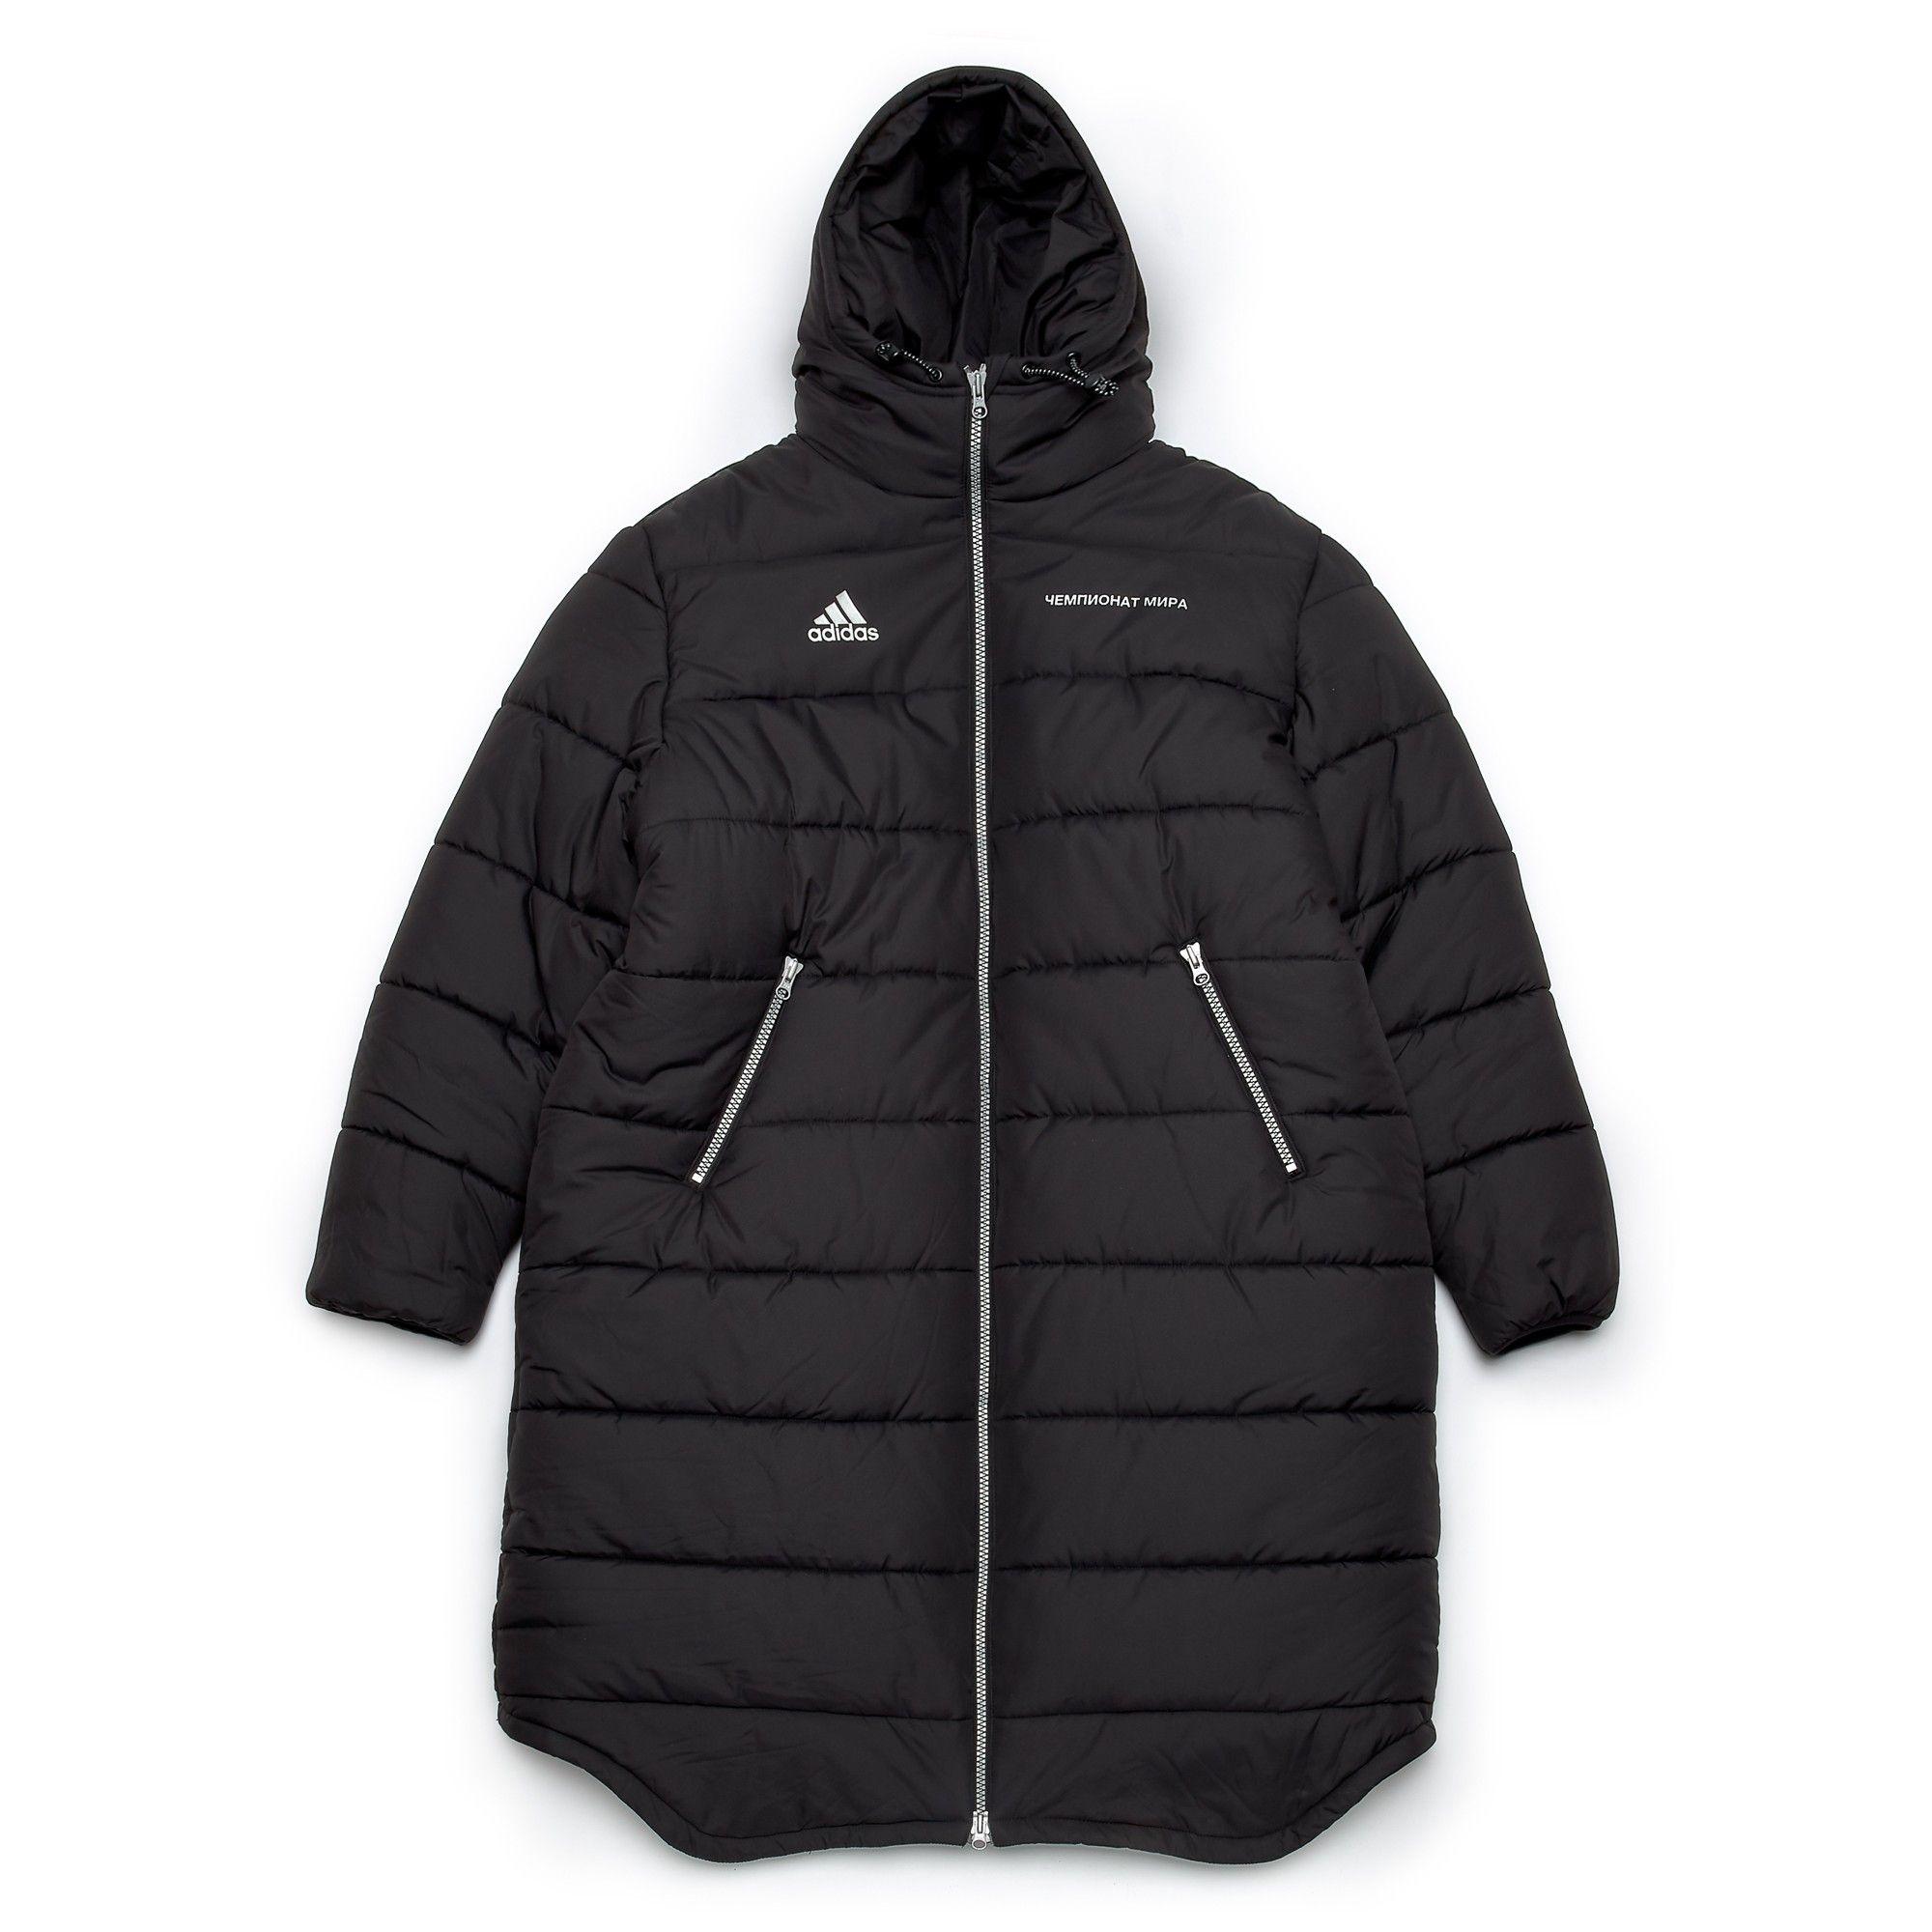 Gosha Rubchinskiy Adidas Padded Coat Black With Images Black Coat Padded Coat Coat